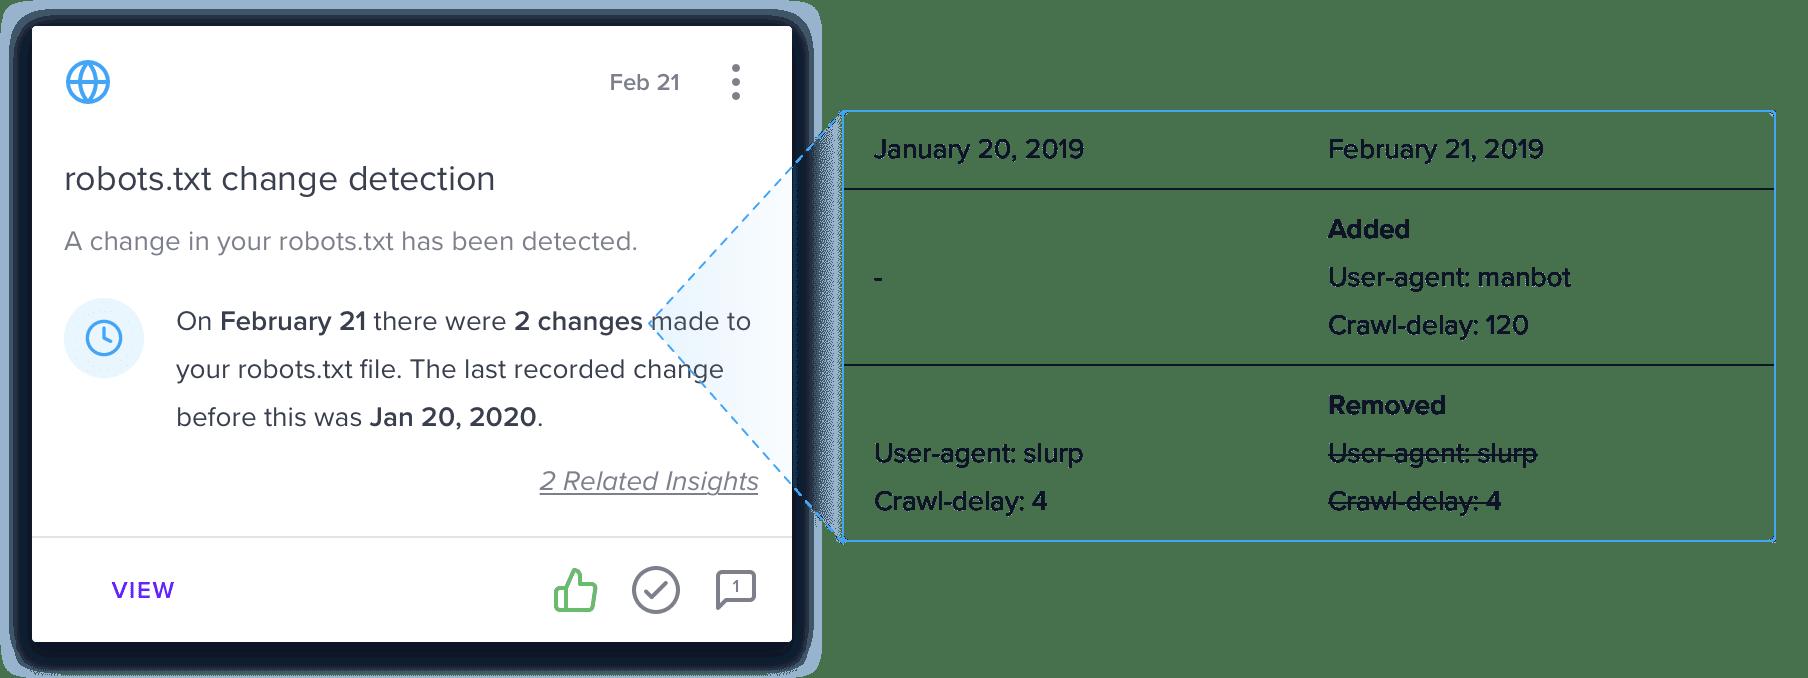 robots-txt-change-detection